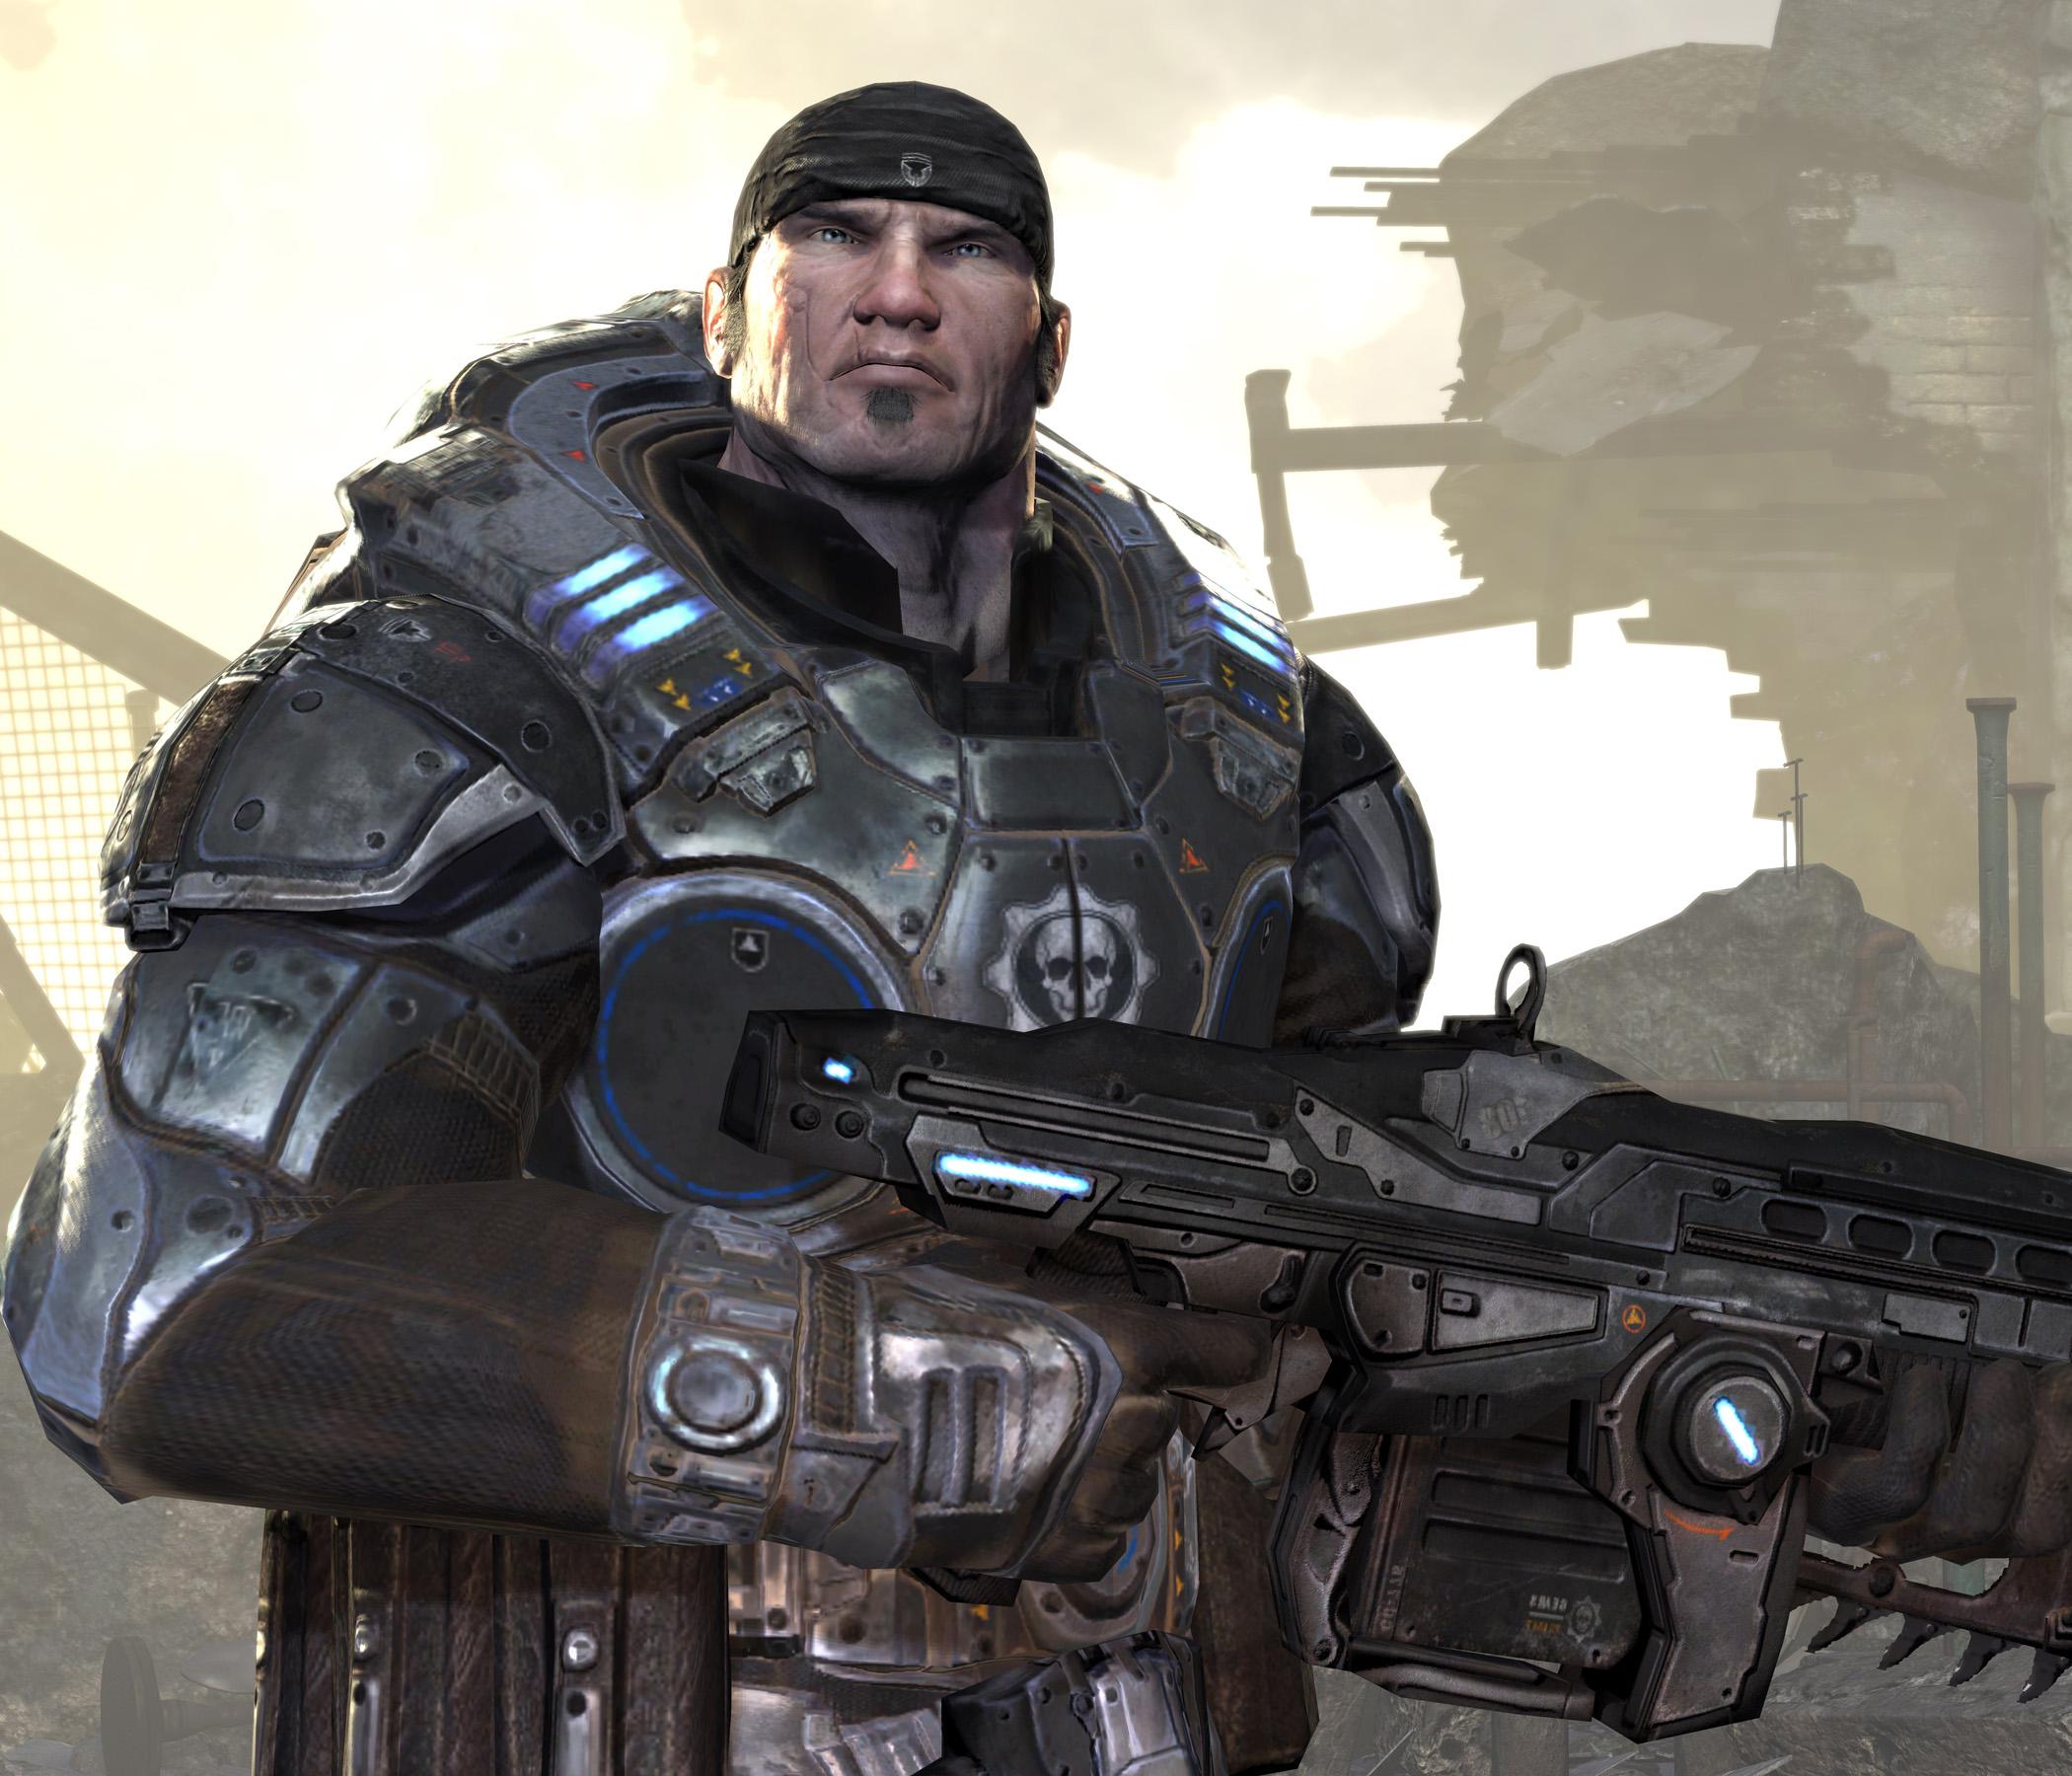 Resultado de imagem para gears of war marcus fenix